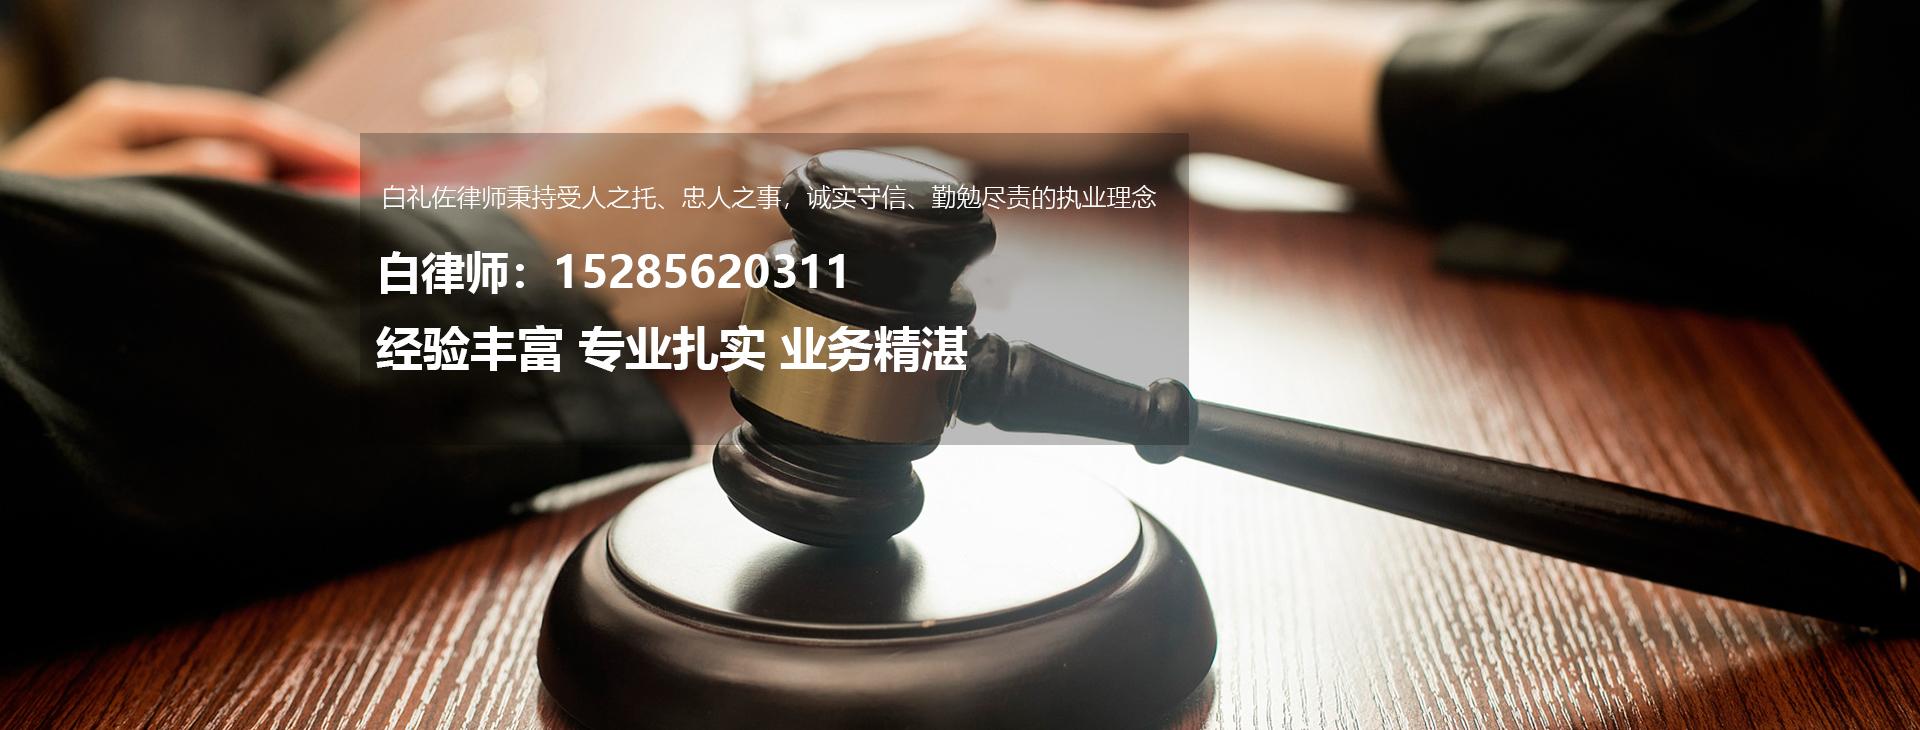 贵阳婚姻家庭律师事务所